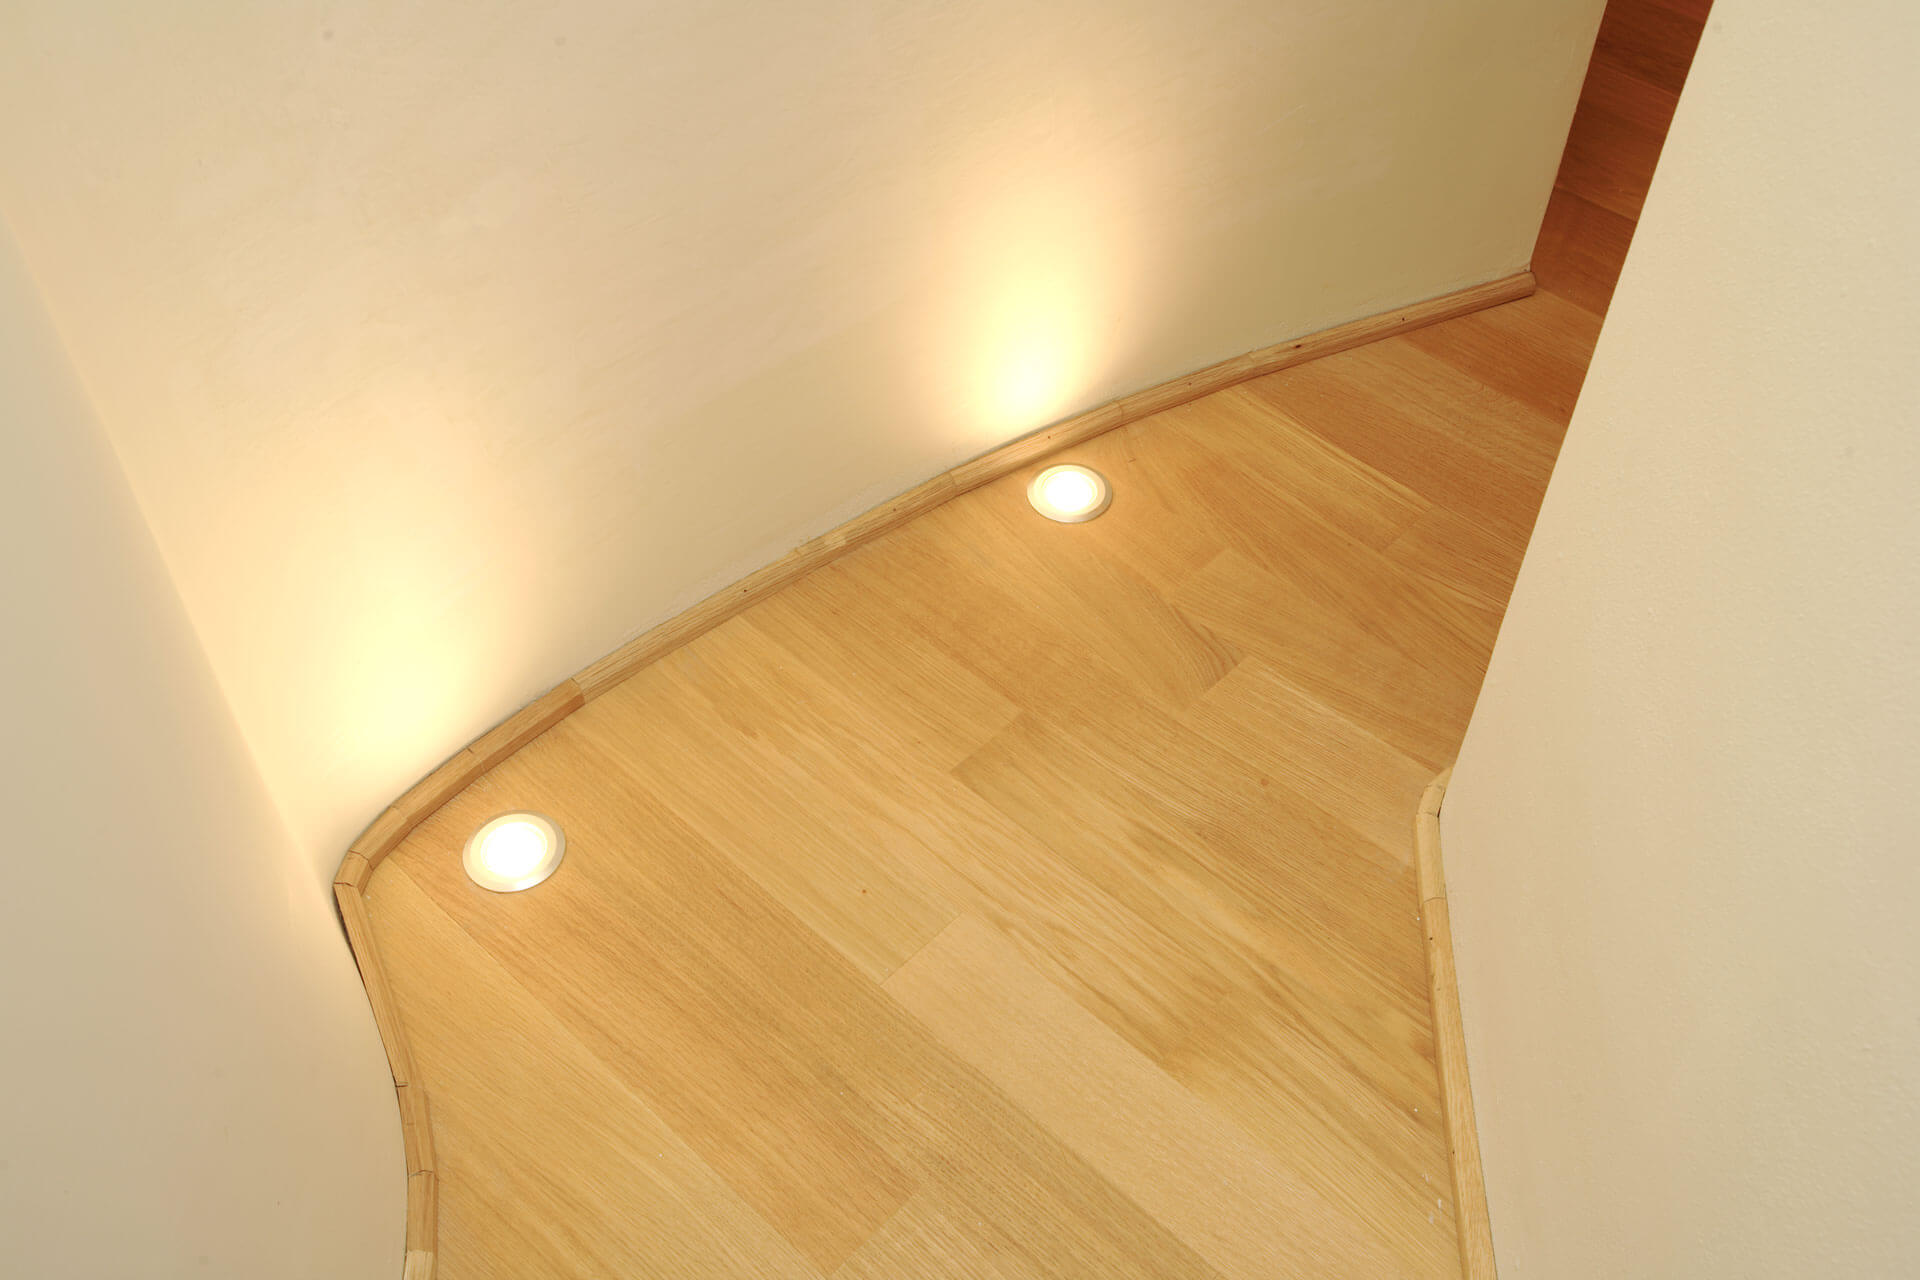 micaela-mazzoni-studio-interior-designer-bologna-progetti-abitativi-gallery-appartamento-via-cesare-battisti-bologna-6